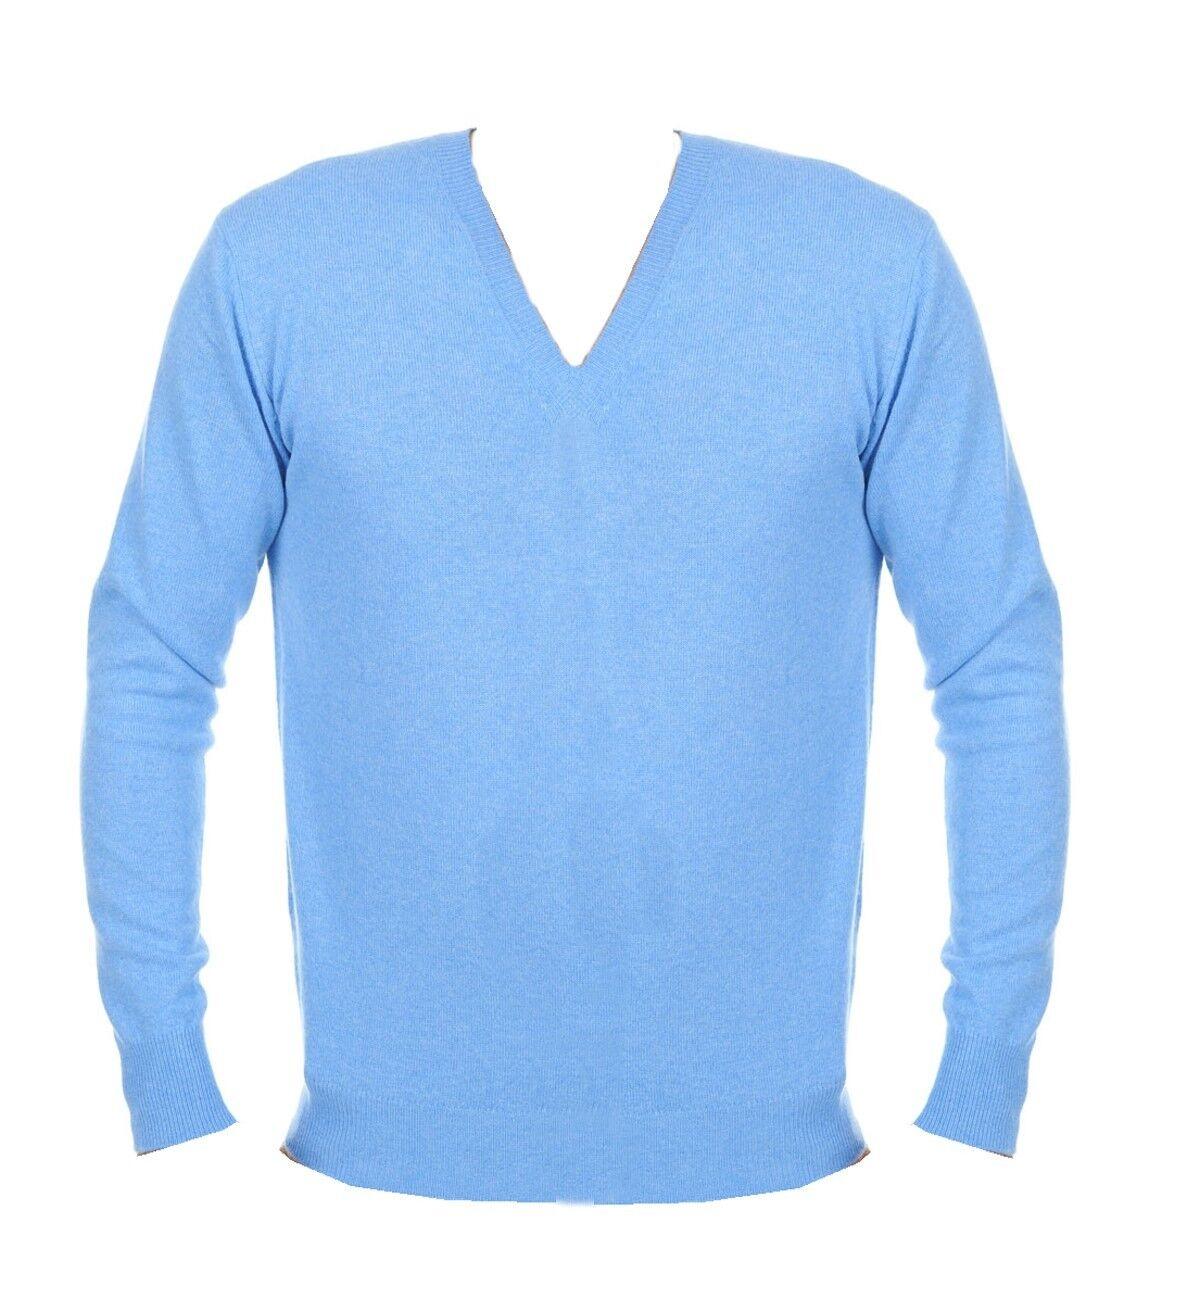 Balldiri 100% Cashmere Herren Pullover V Ausschnitt hellblau XL